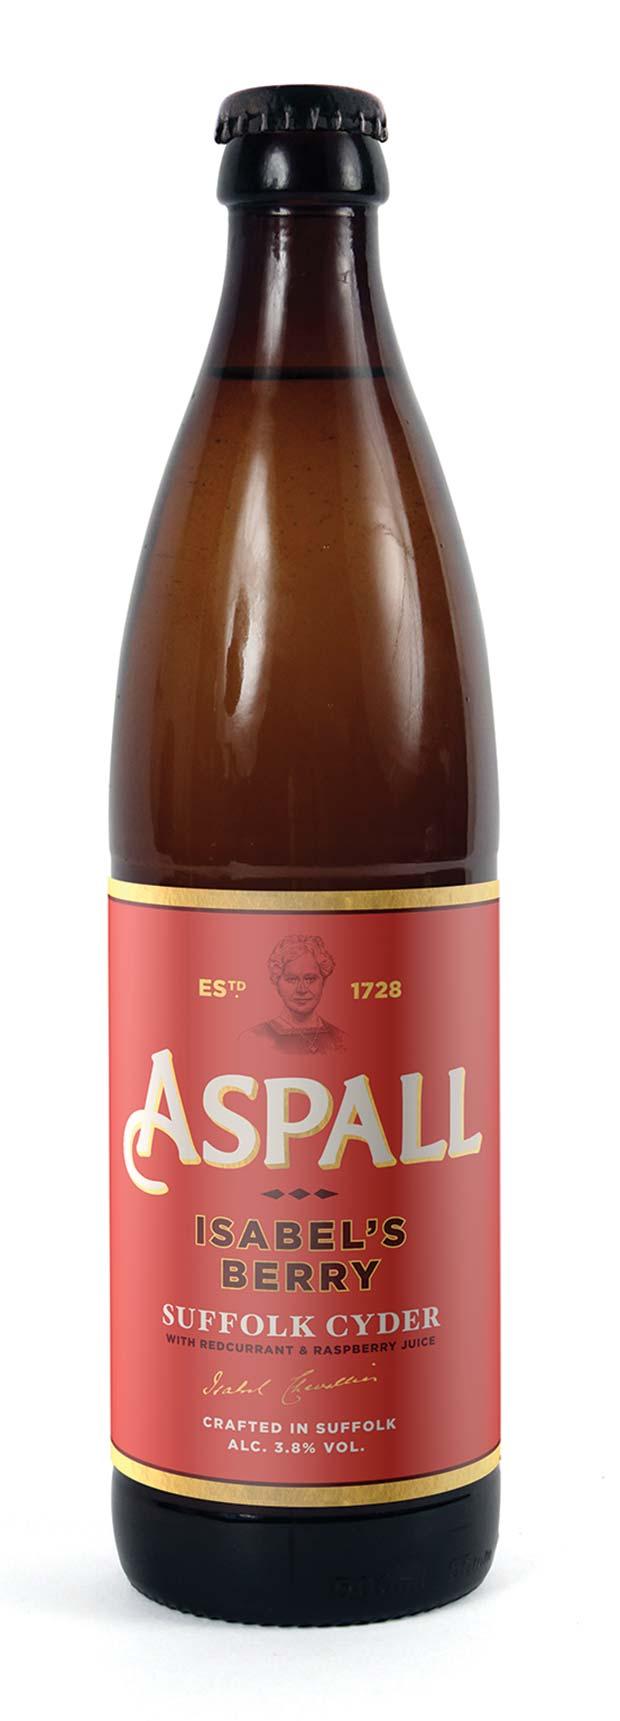 Aspalls-Isabels-Berry